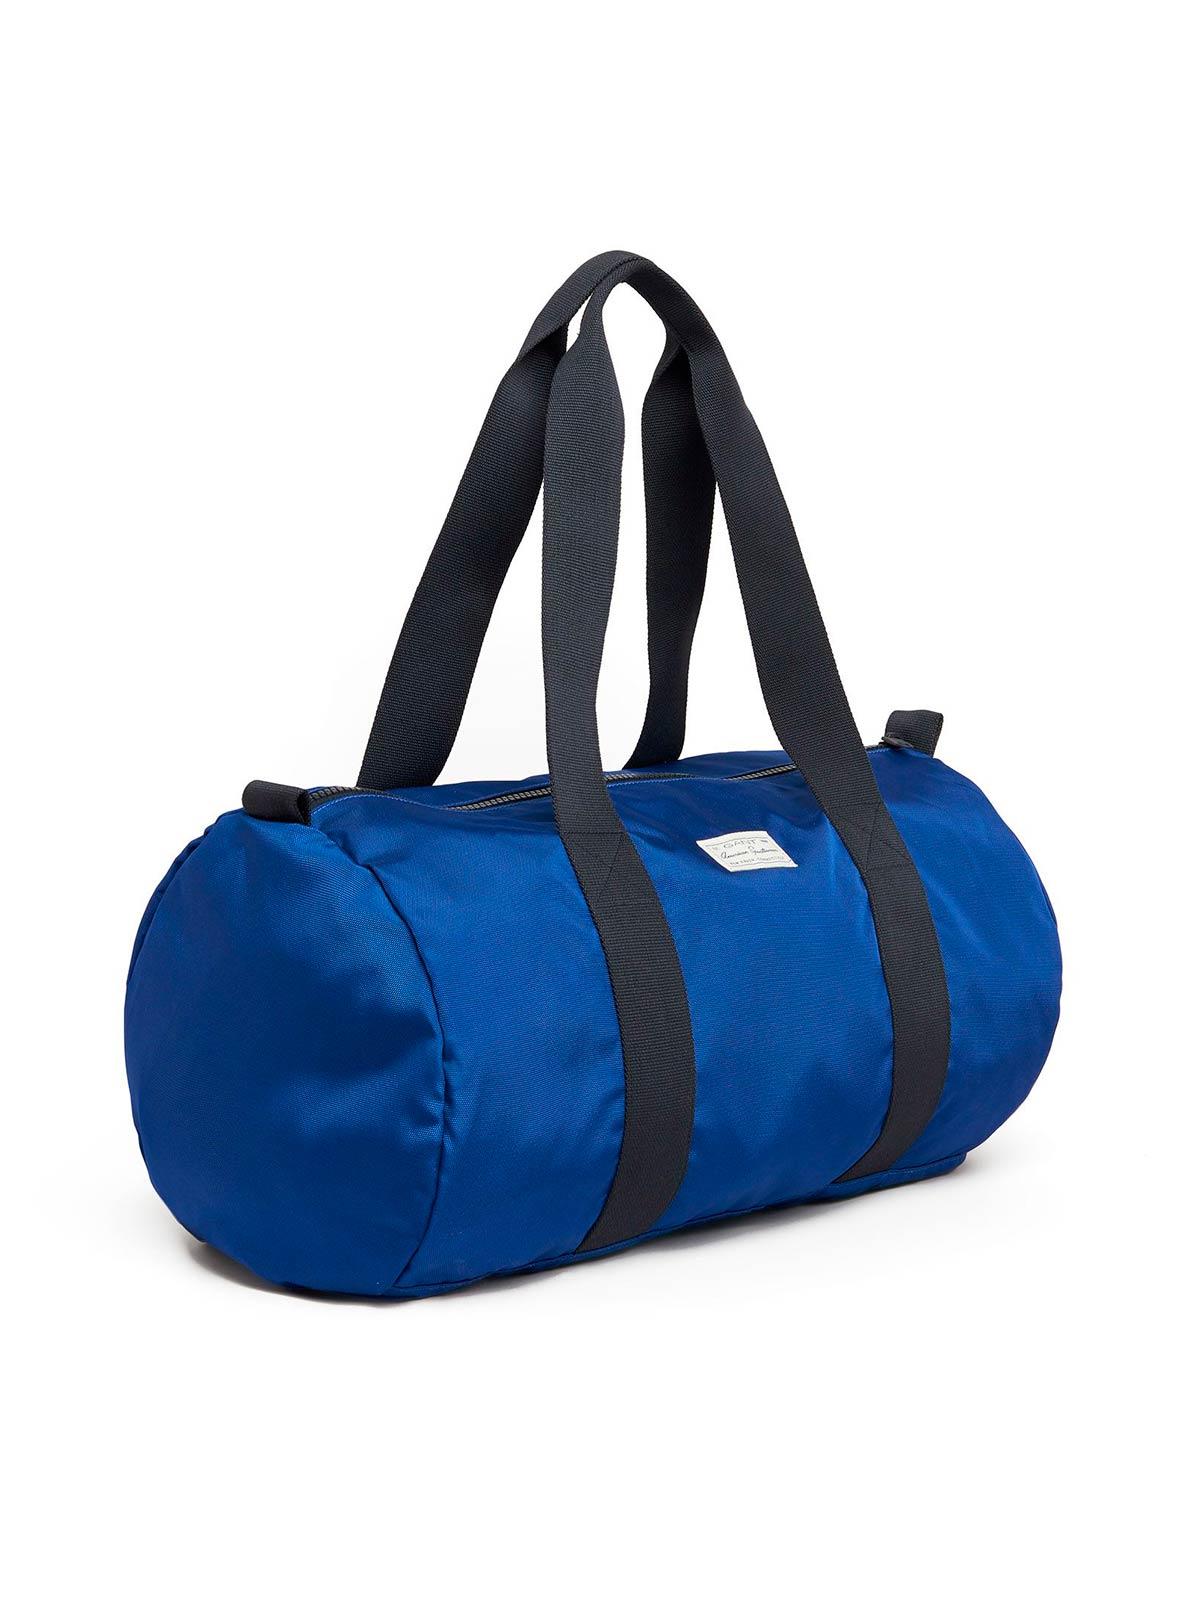 62736906921 GANT Men's Original Bag 436 | 1803.9970007 | Botta & B Online Store